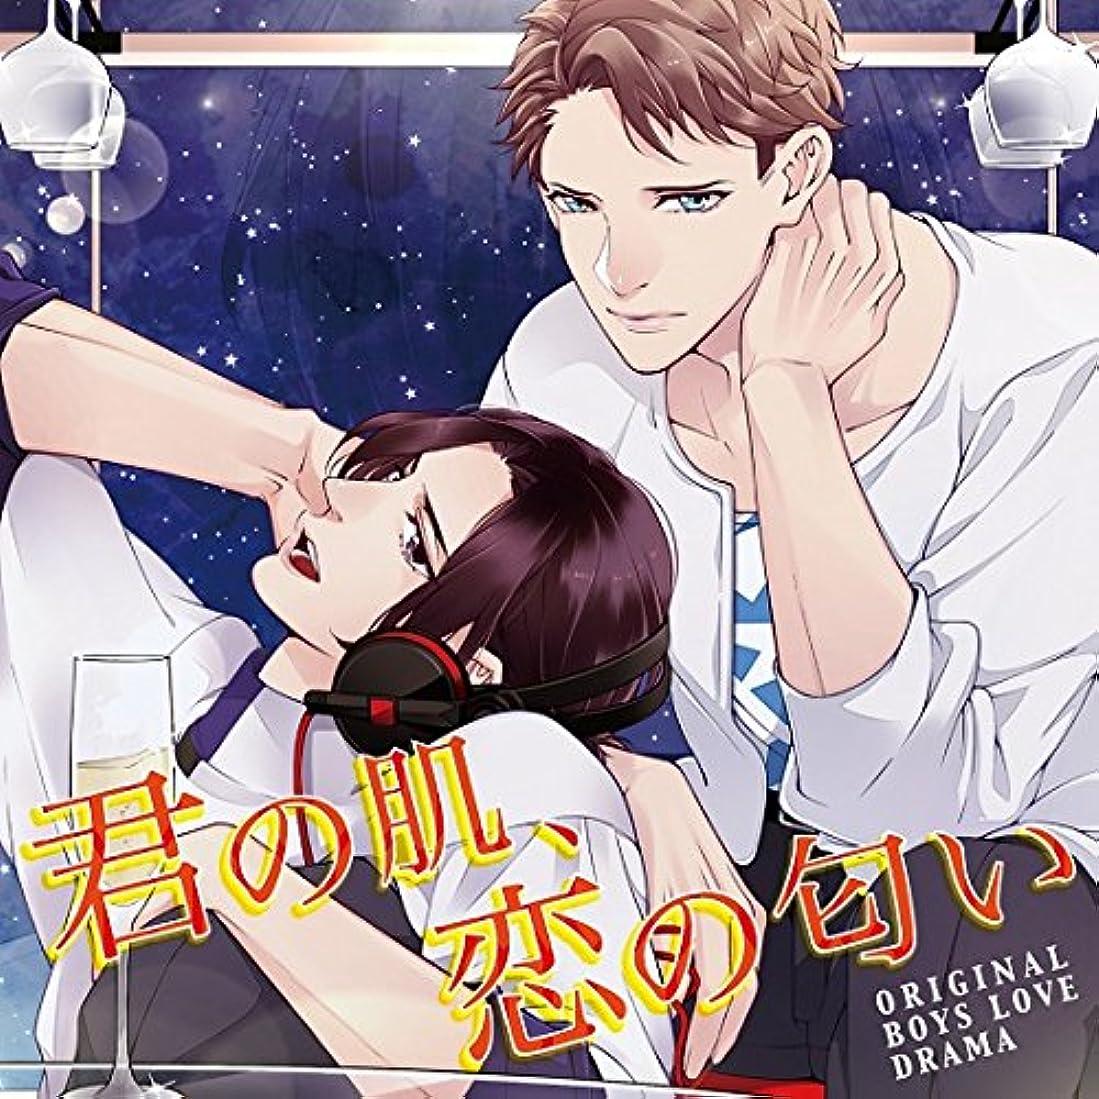 手入れ王位準備するORIGINAL BOYS LOVE DRAMA「君の肌、恋の匂い」(CV:濱野大輝、高塚智人)